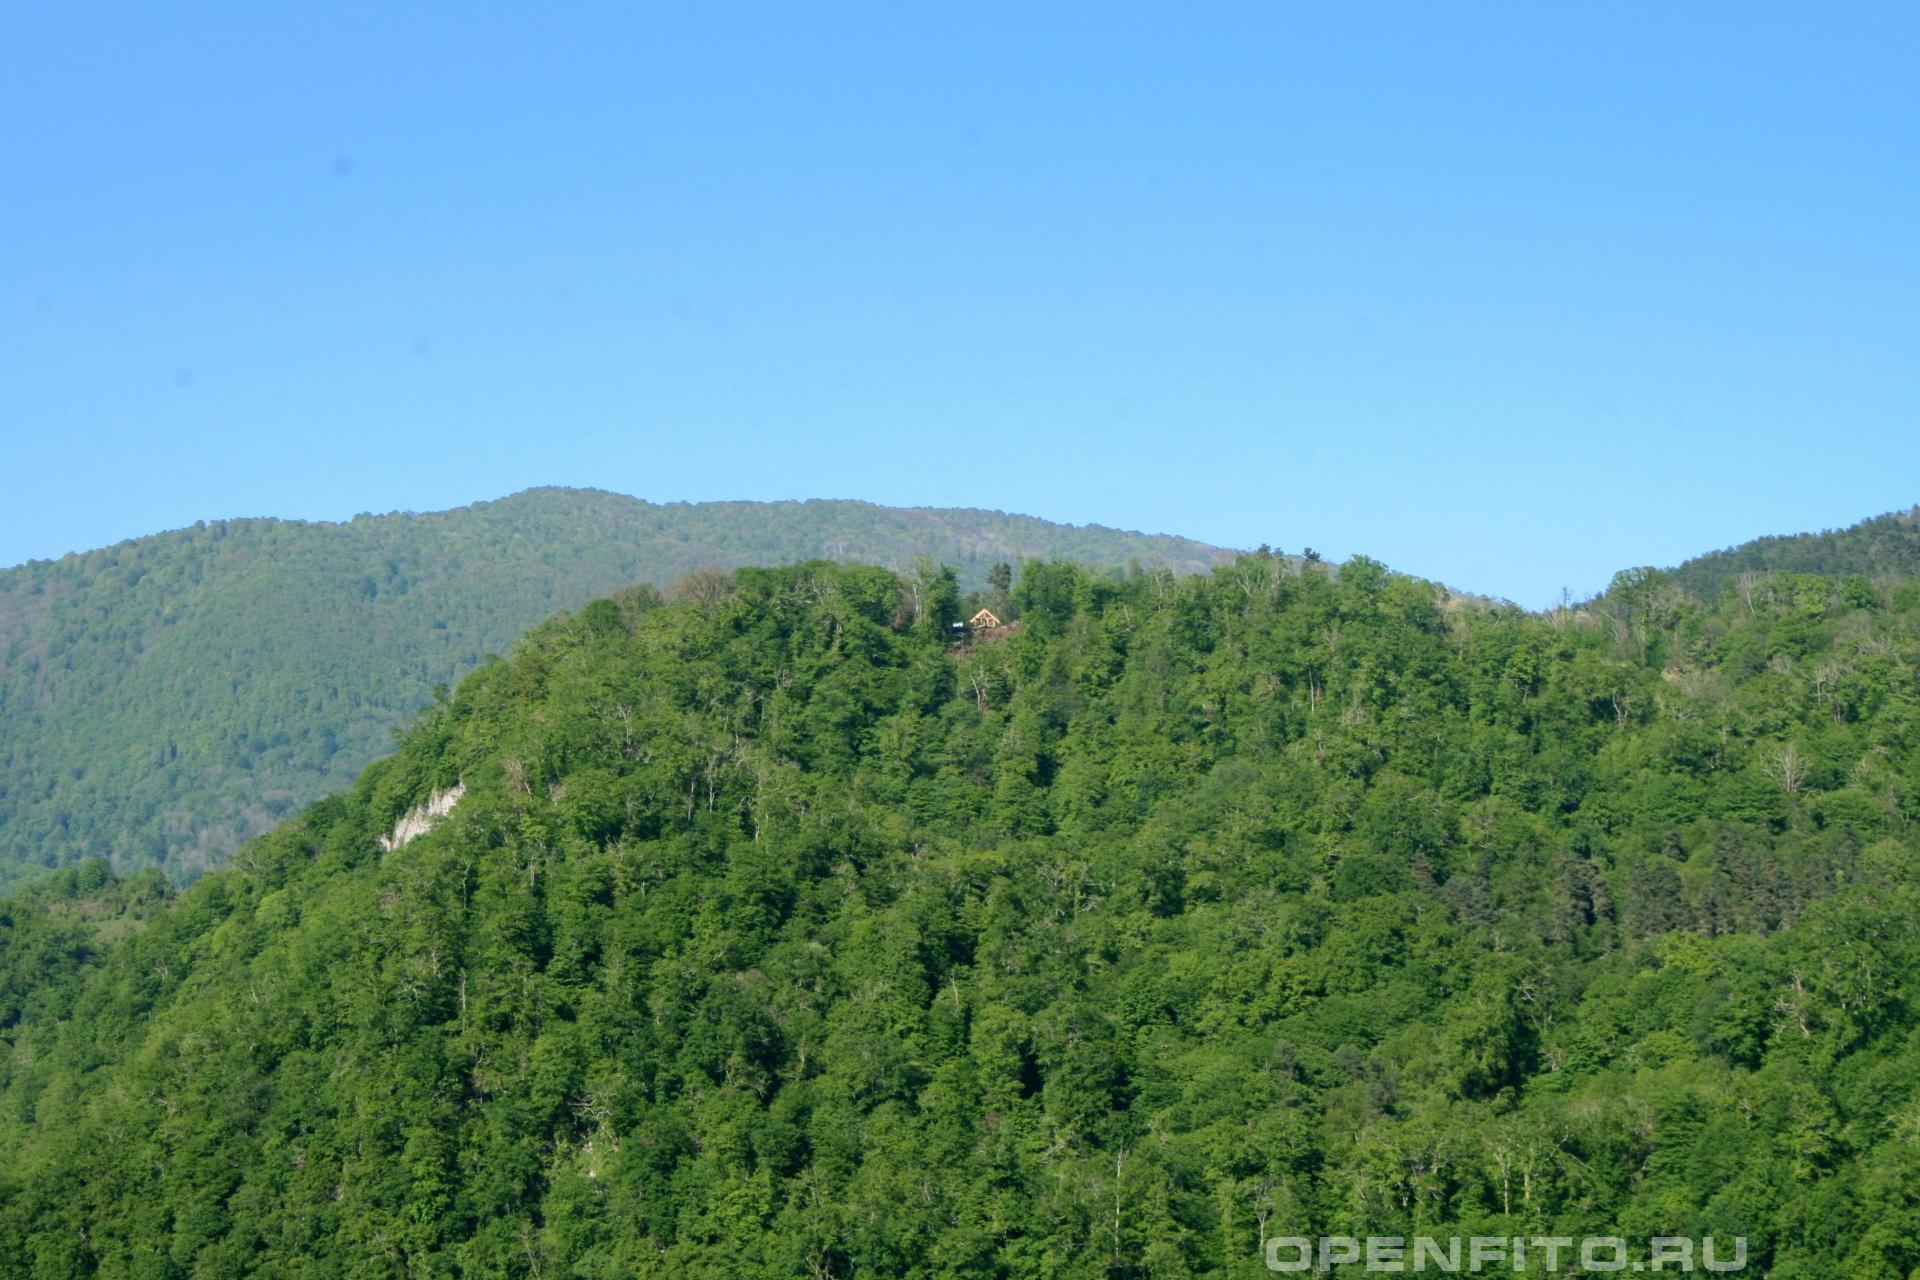 Домик на горе на высоте полтора километра